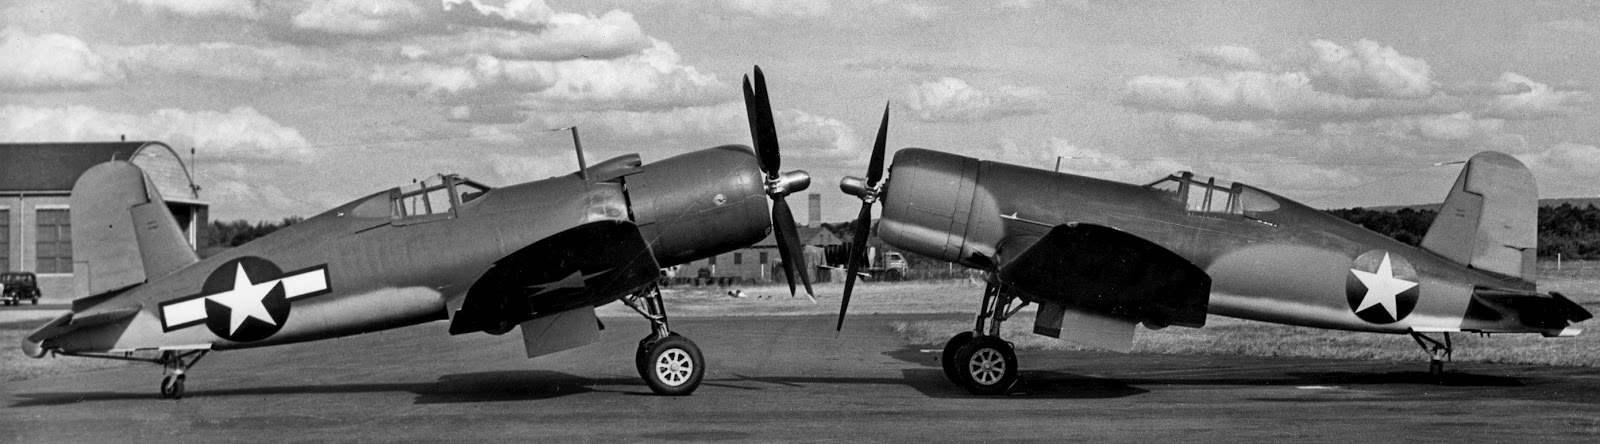 Истребители F4U-1WM и FG-1 (справа)